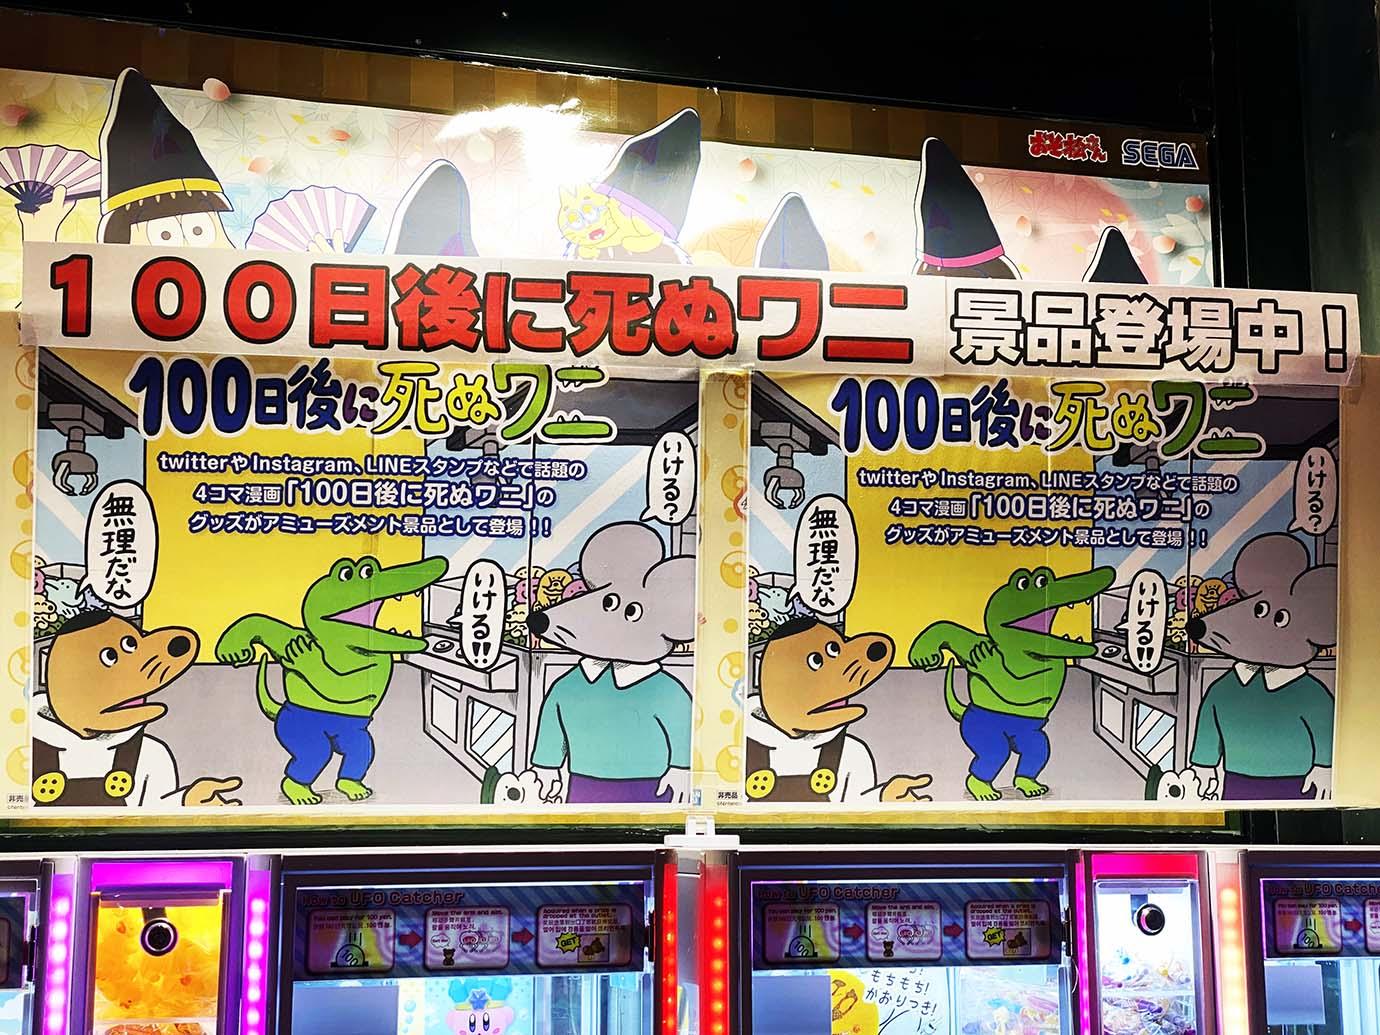 100nichigo-wani1